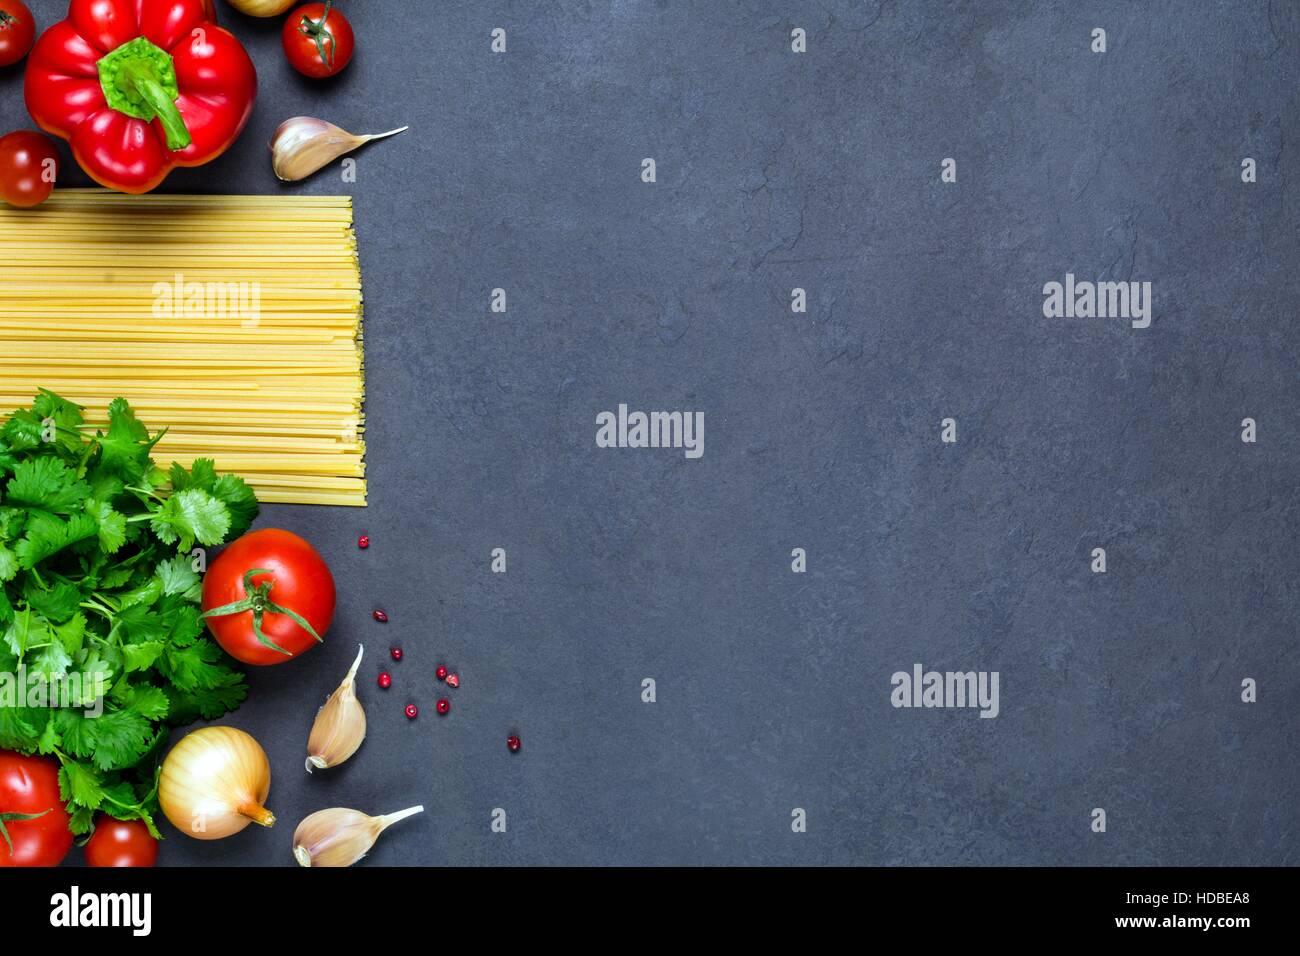 Pasta, spezie e verdure su sfondo di ardesia - cottura Ingredienti per la cucina italiana. Copia dello spazio per Immagini Stock